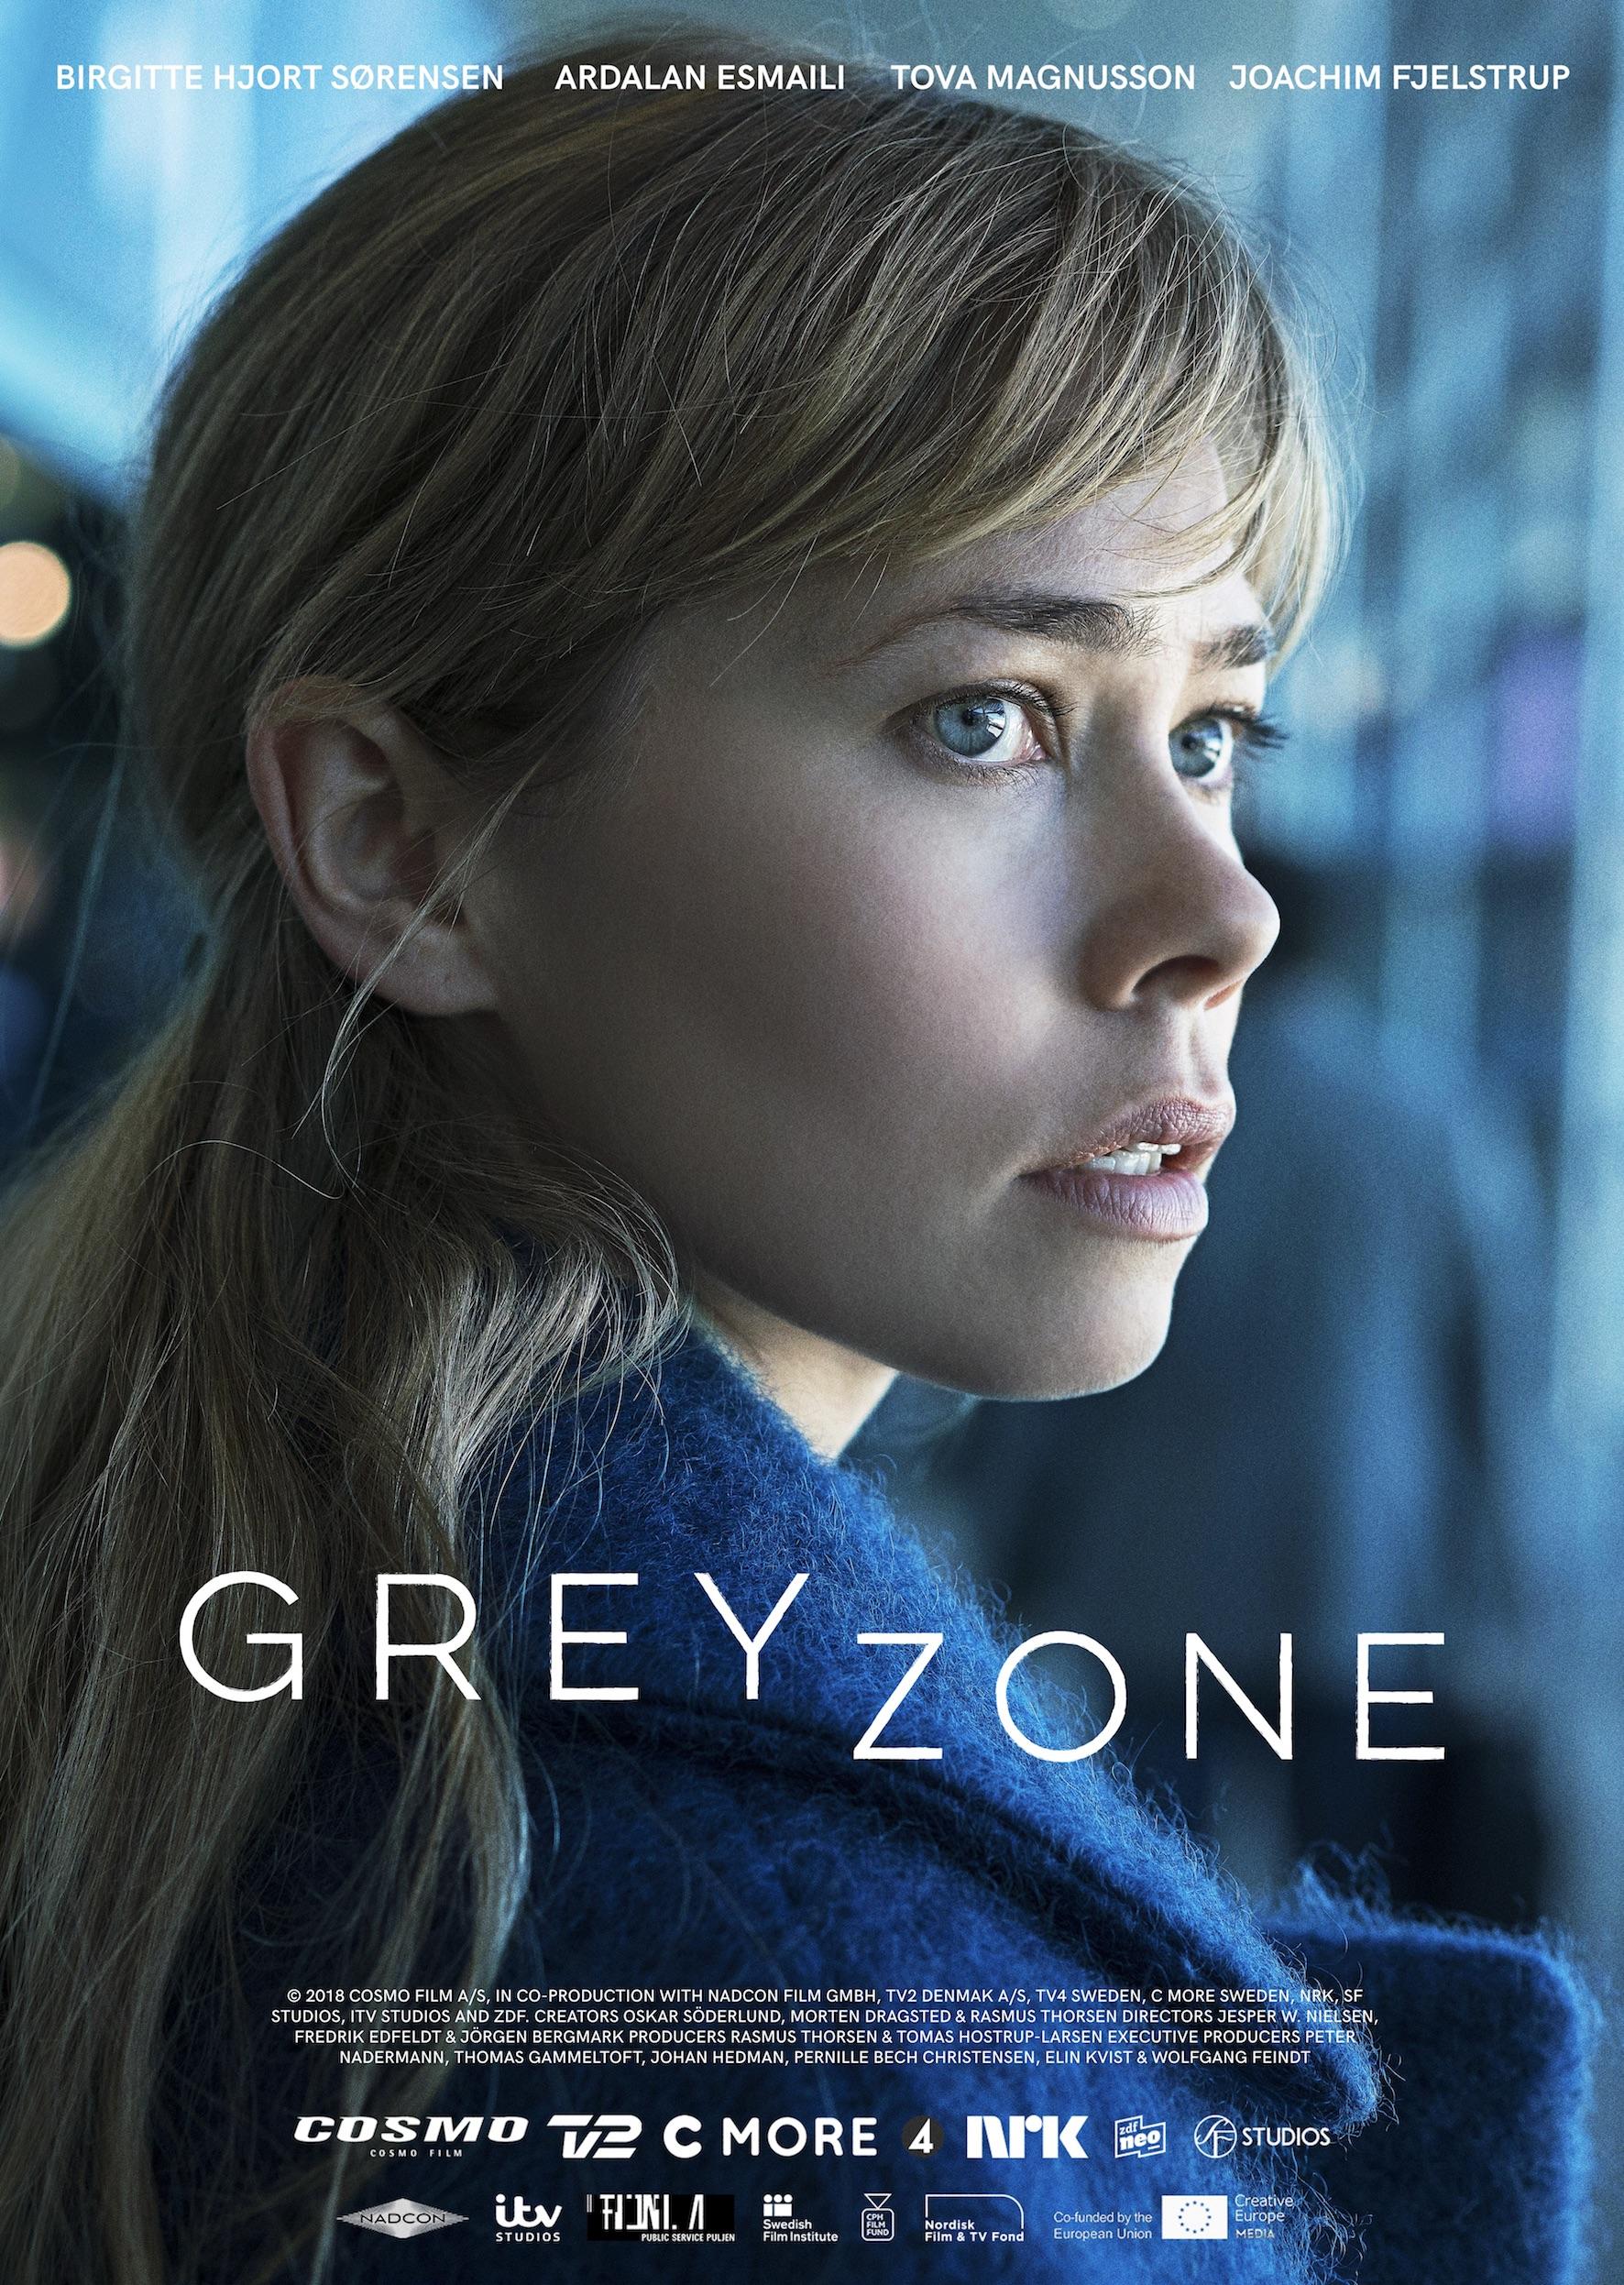 Greyzone (TV Series 2018– ) - IMDb